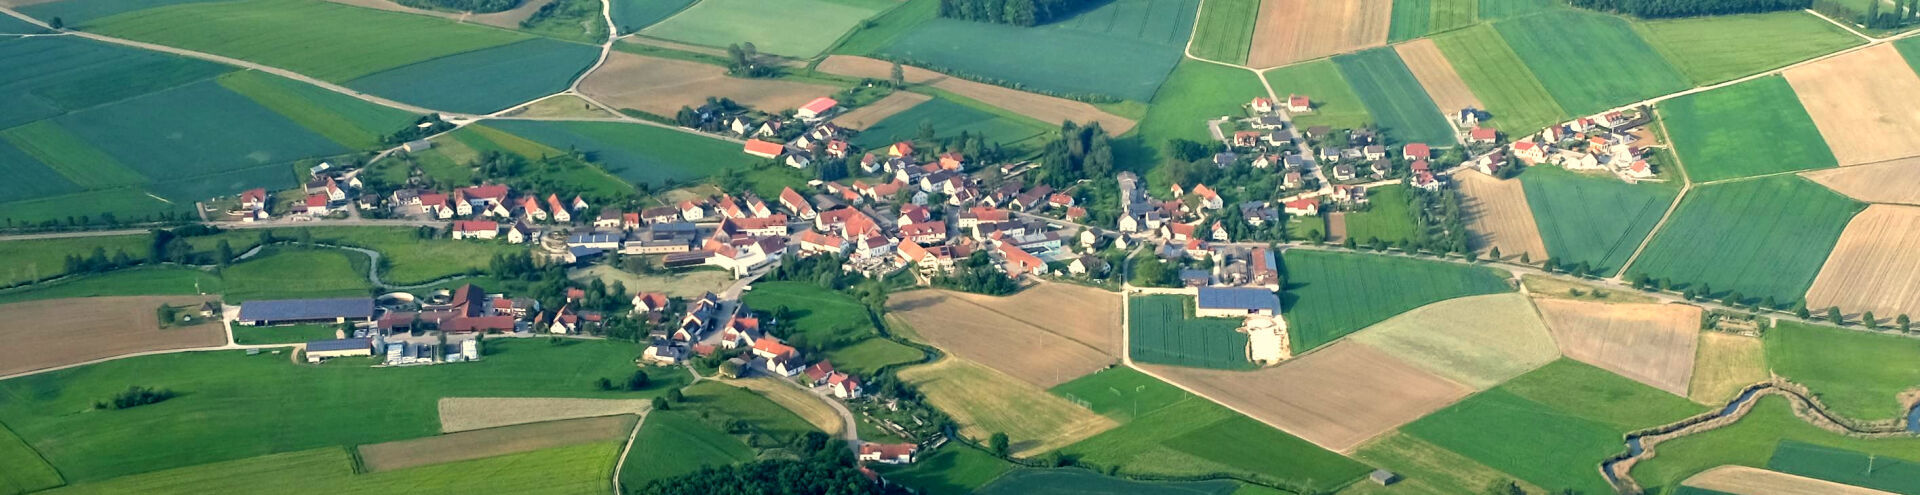 Luftbild Oppertshofen